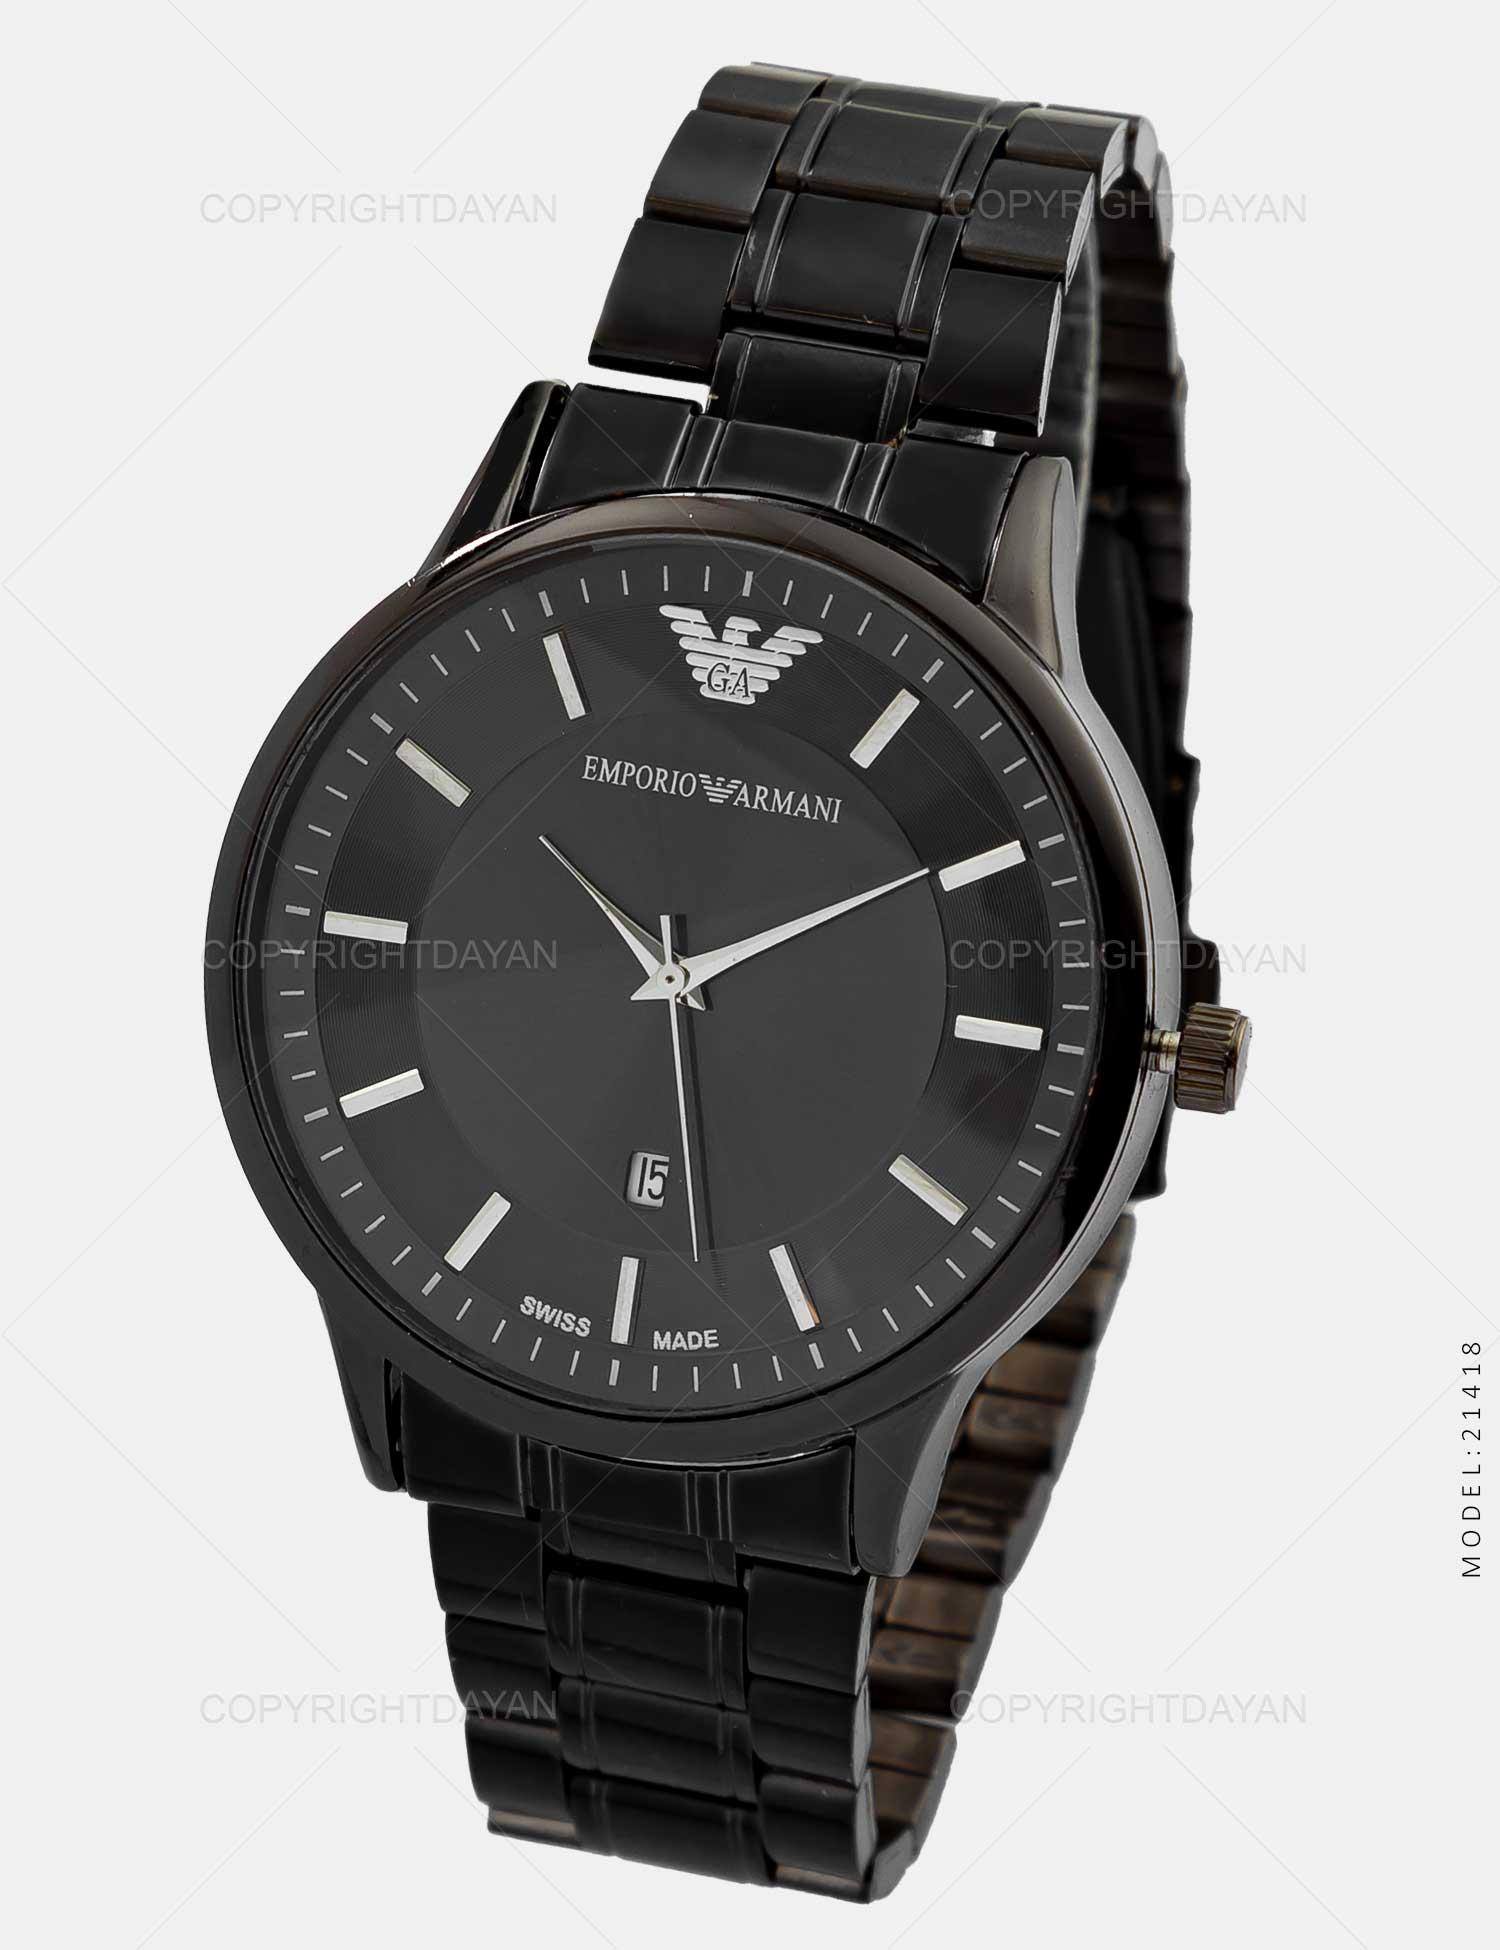 ساعت مچی مردانه Emporio Armani مدل 21418 ساعت مچی مردانه Emporio Armani مدل 21418 169,000 تومان